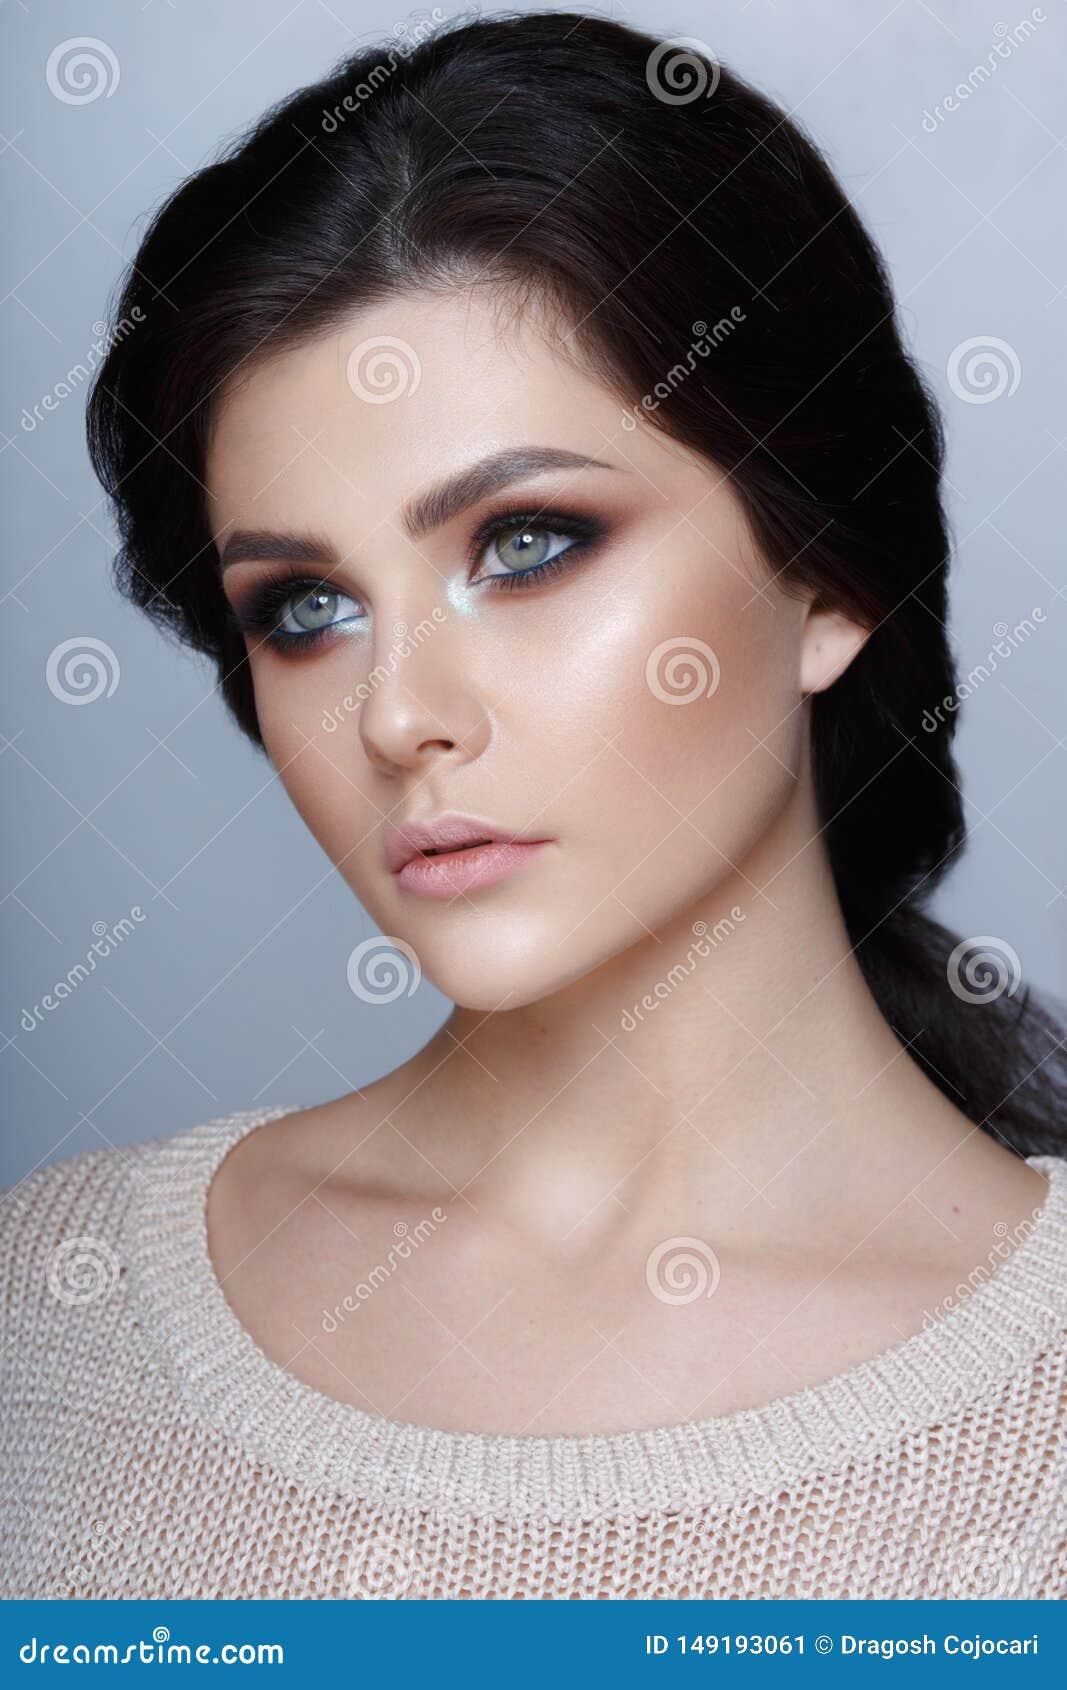 Retrato natural del perfil de la belleza de una muchacha morena joven con la piel natural en fondo gris Tiro vertical del estudio